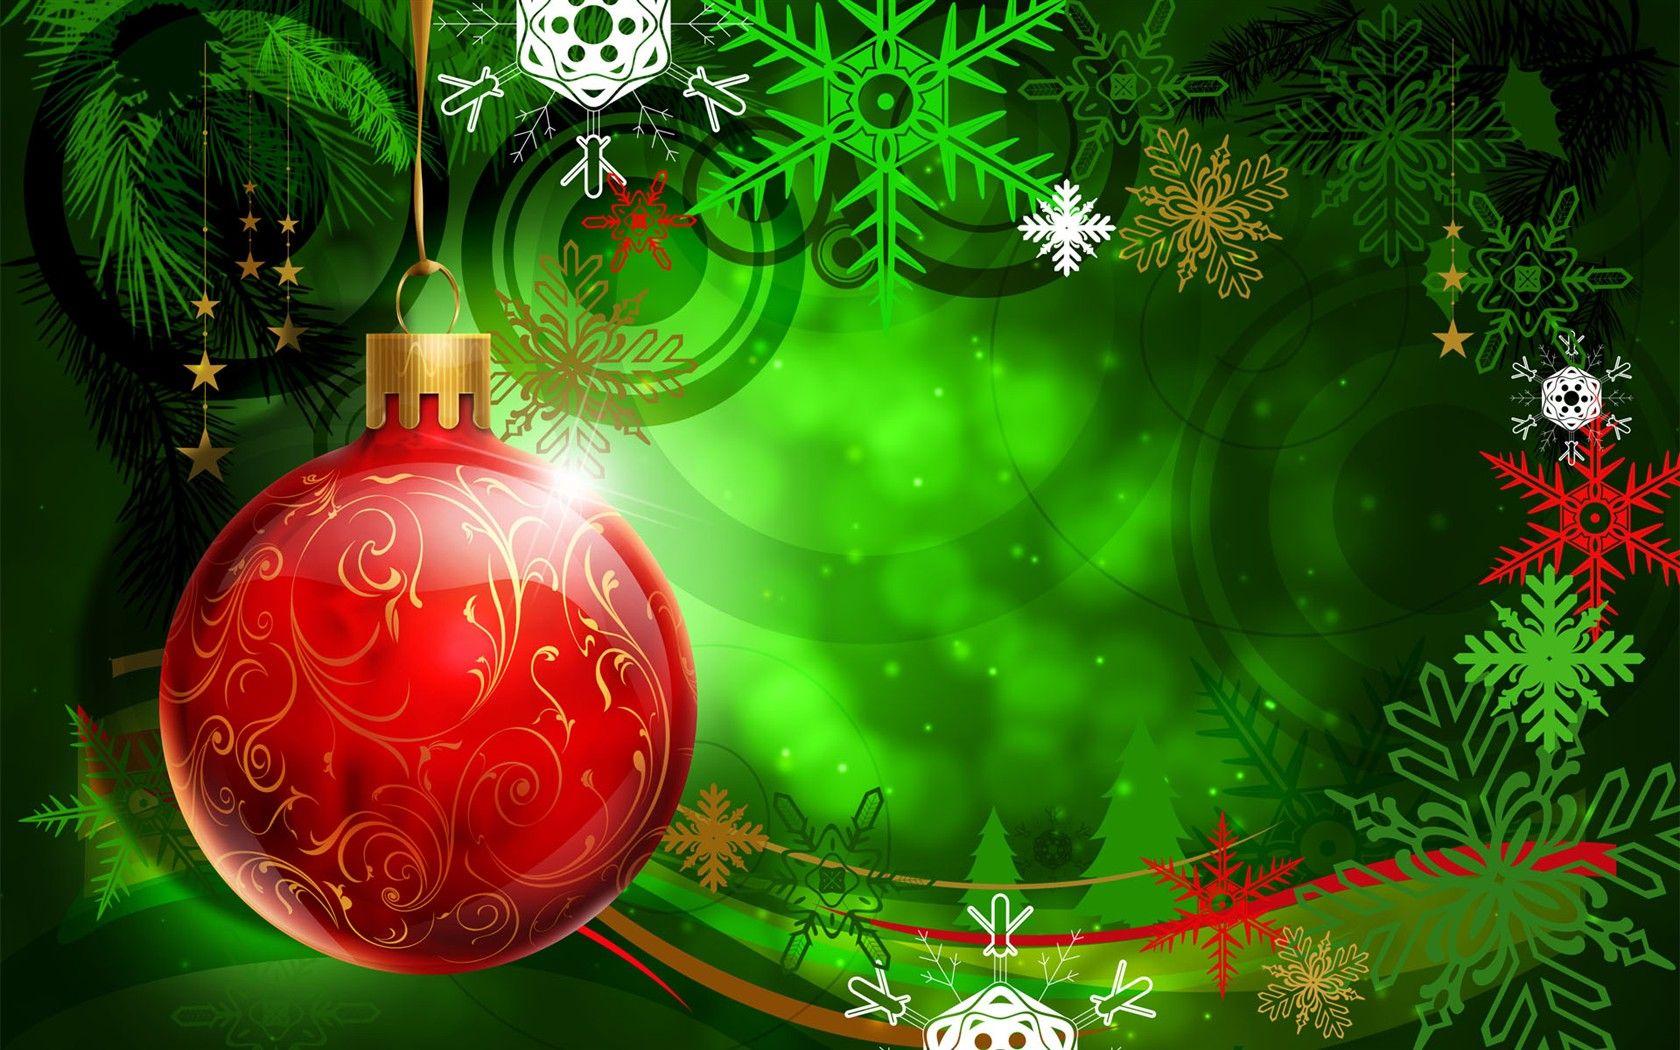 fondos hd verde con bolita roja 1680x1050 - fondo hd # | navidad